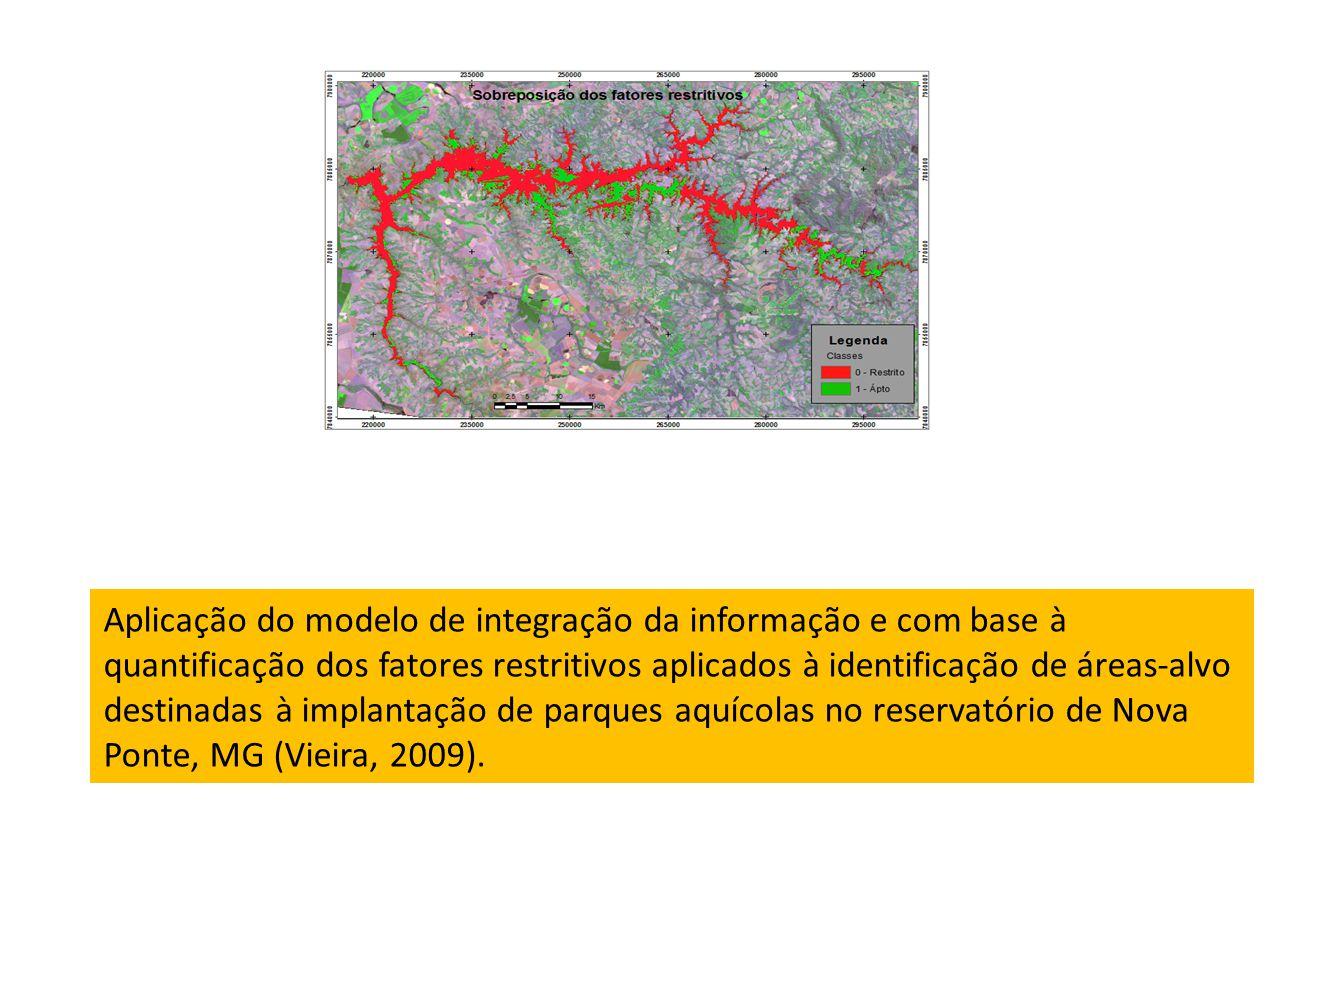 Aplicação do modelo de integração da informação e com base à quantificação dos fatores restritivos aplicados à identificação de áreas-alvo destinadas à implantação de parques aquícolas no reservatório de Nova Ponte, MG (Vieira, 2009).